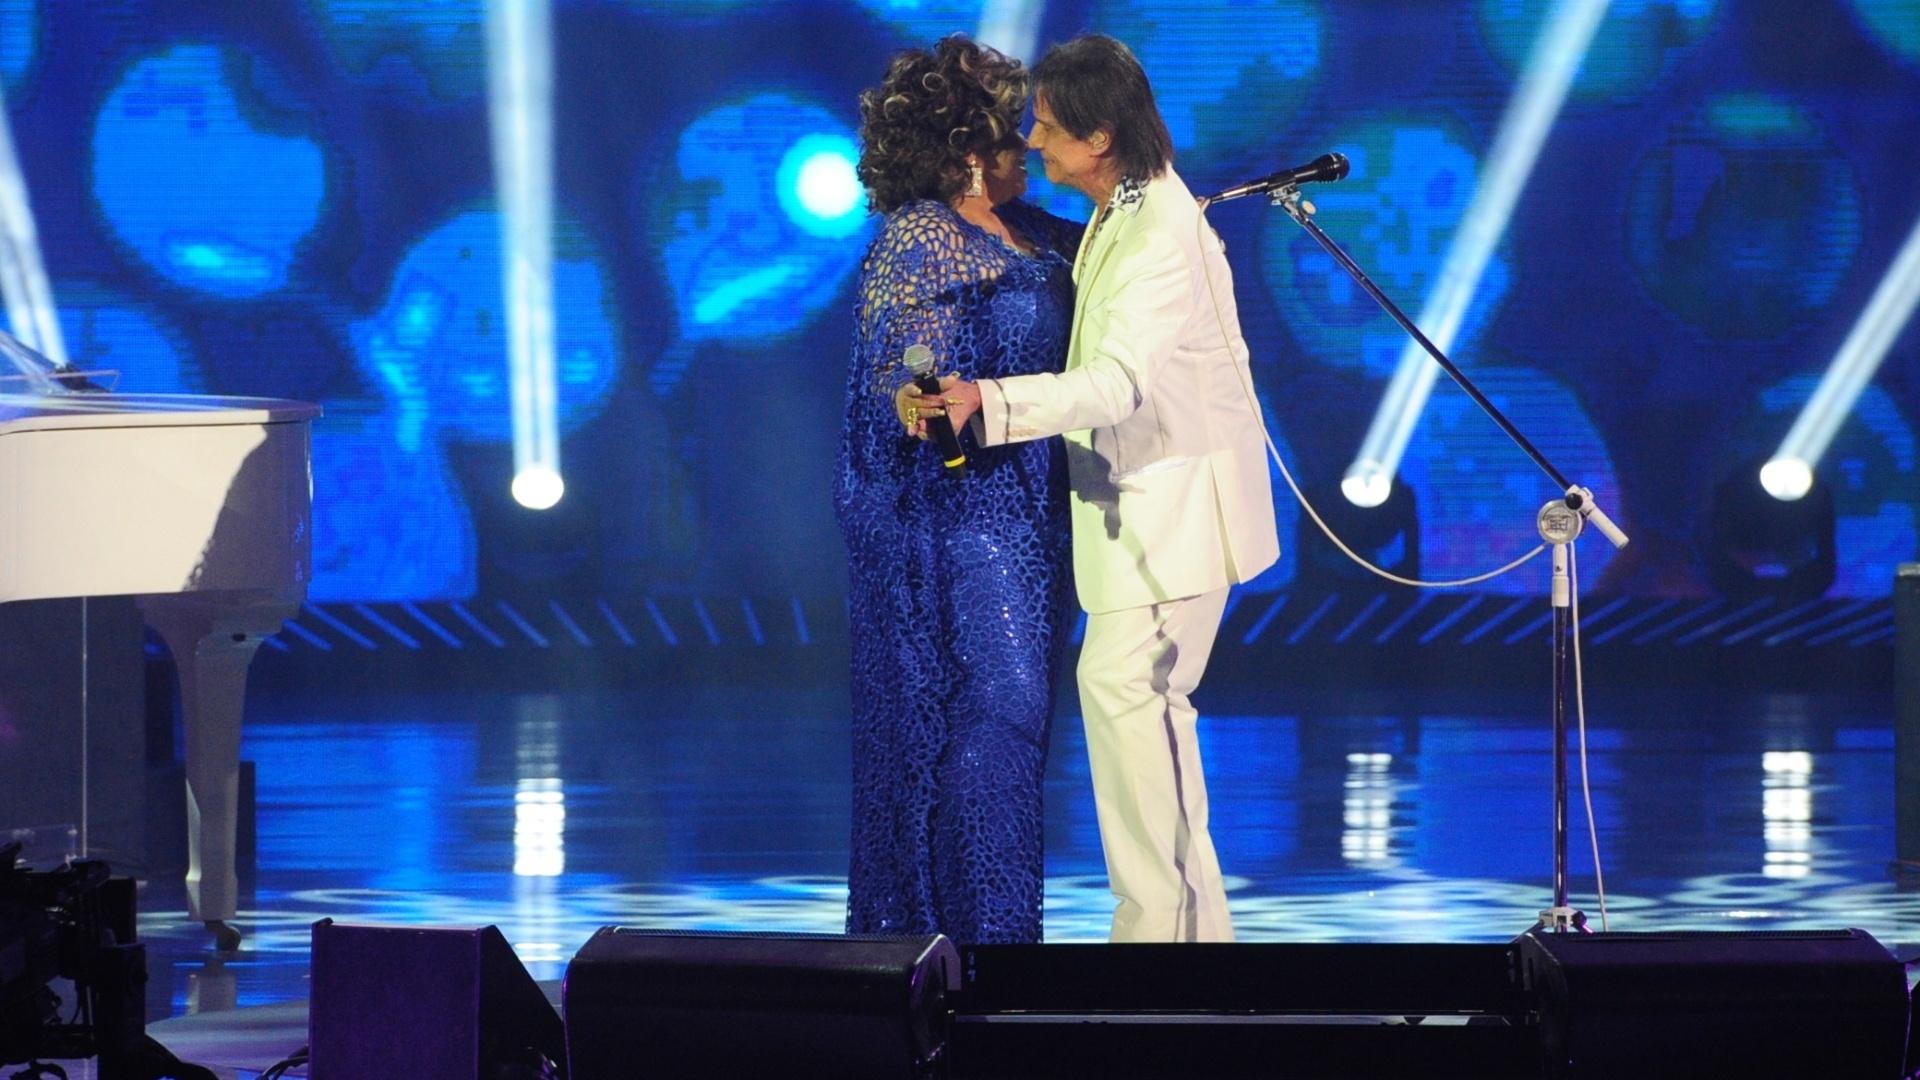 Os dois arriscam uns passos de dança no palco